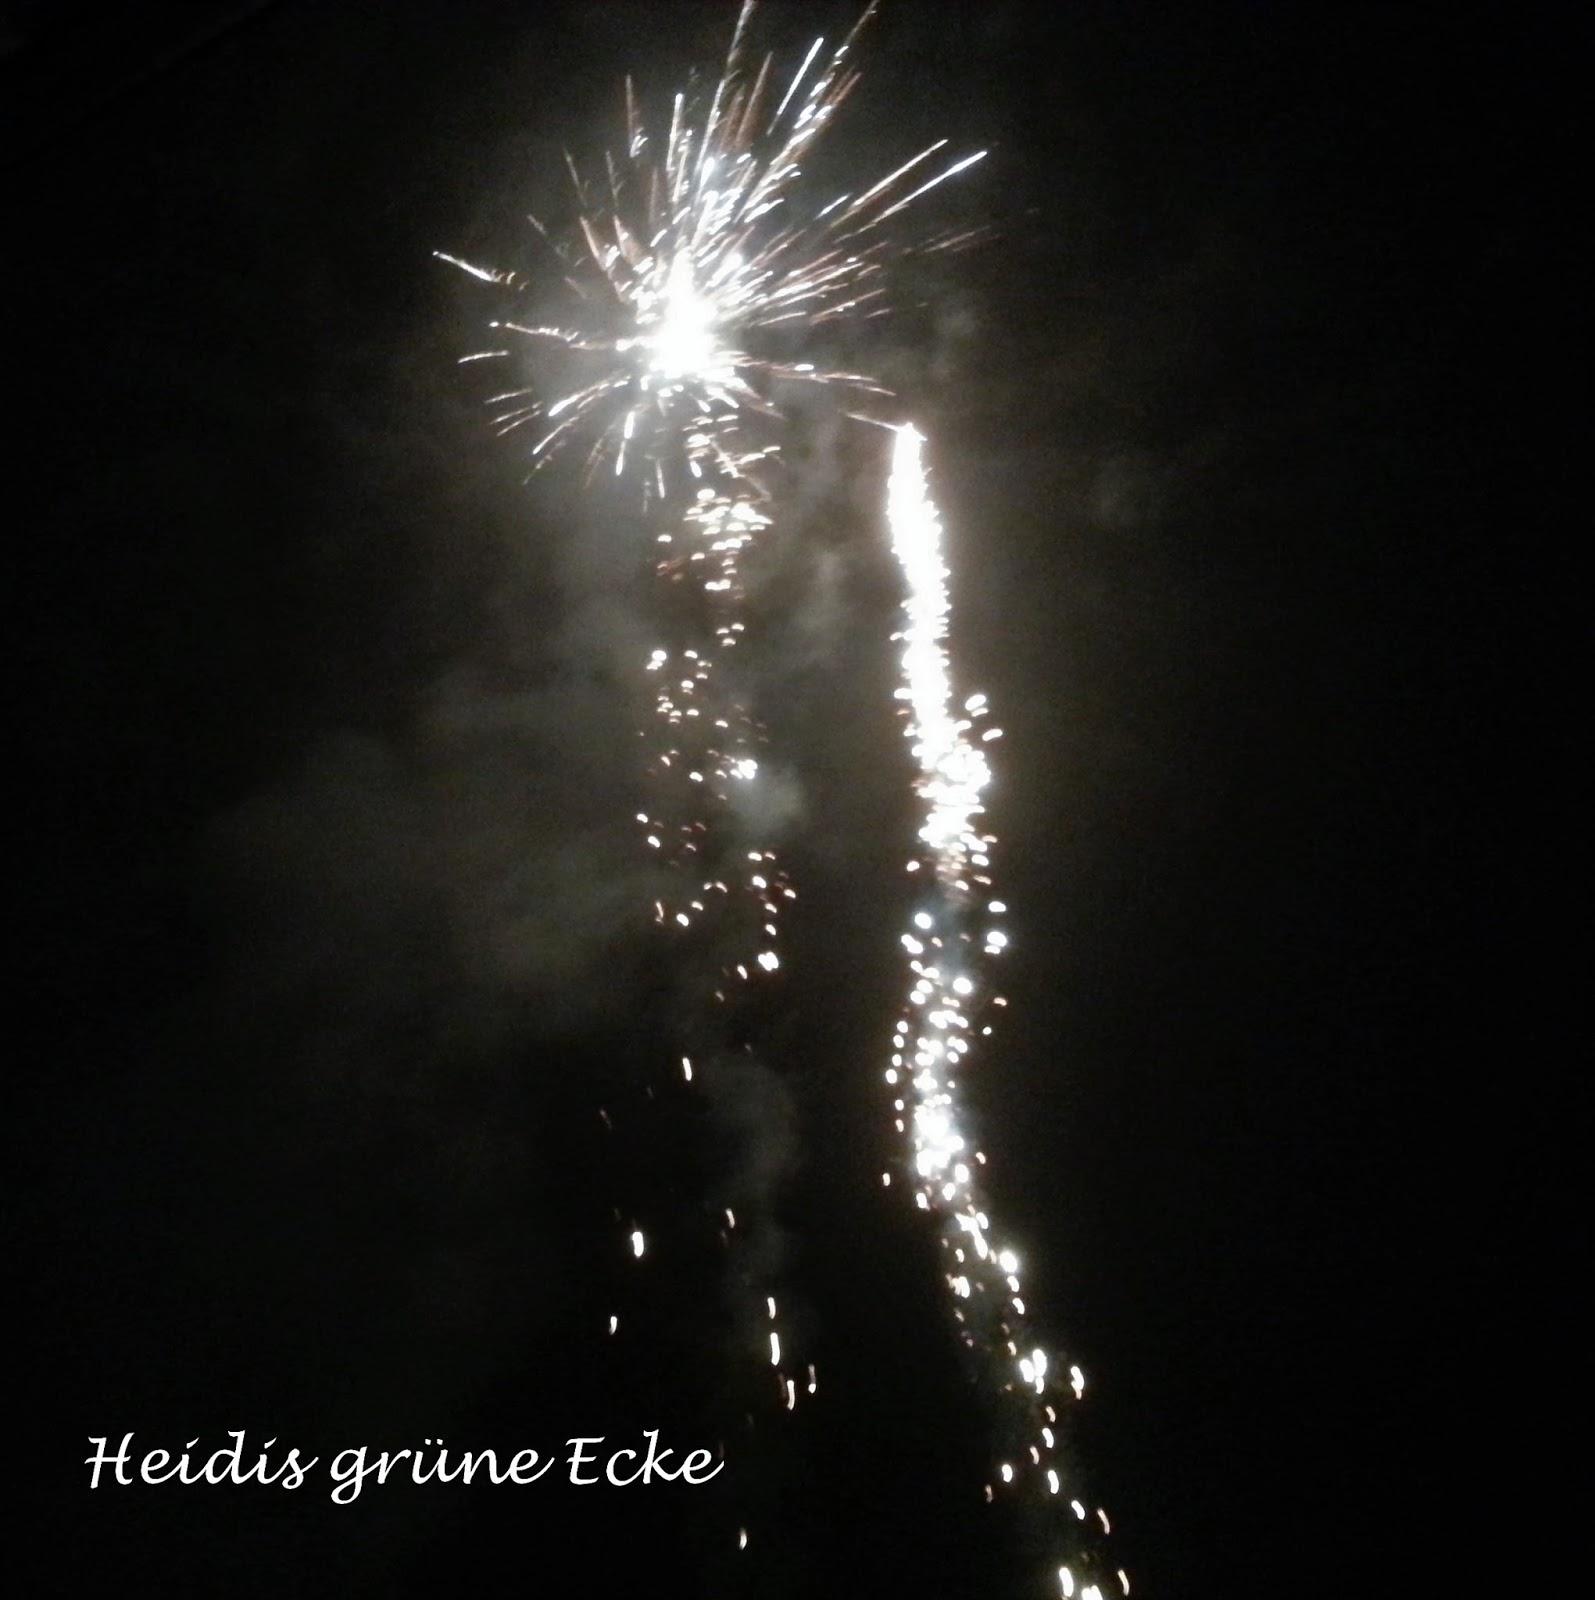 Heidis grüne Ecke: Prosit Neujahr! Ein gutes Neues Jahr!